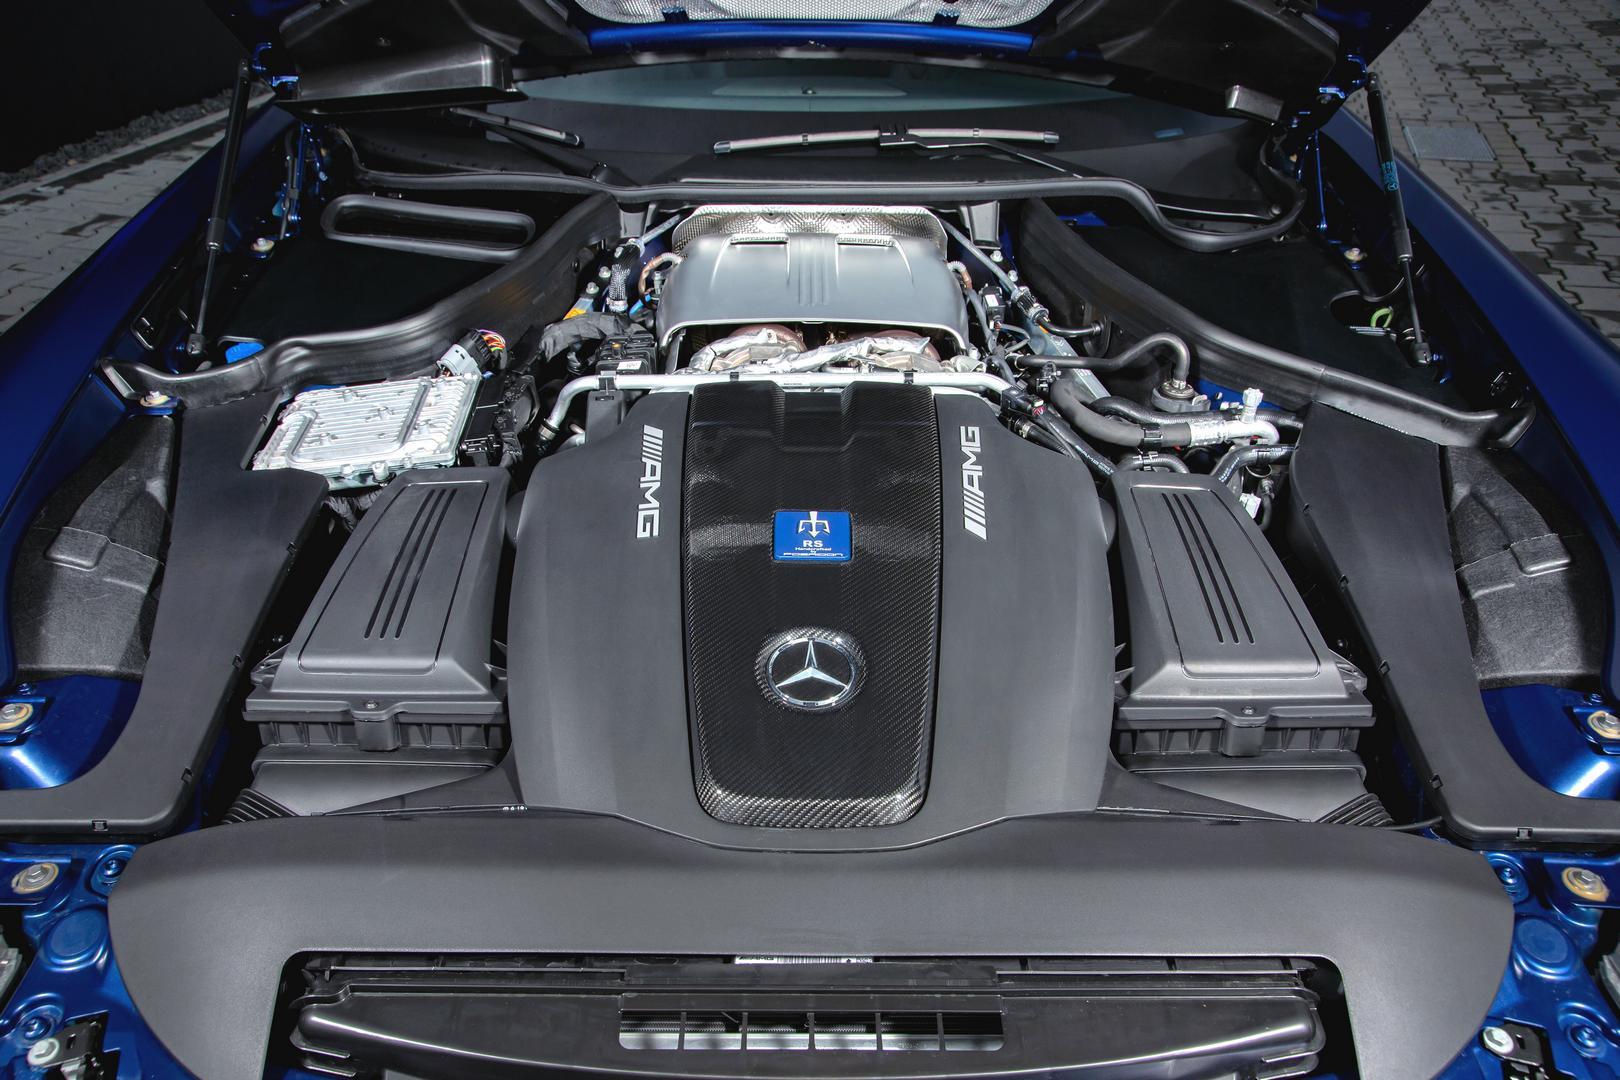 Mercedes-AMG GT R Roadster front engine